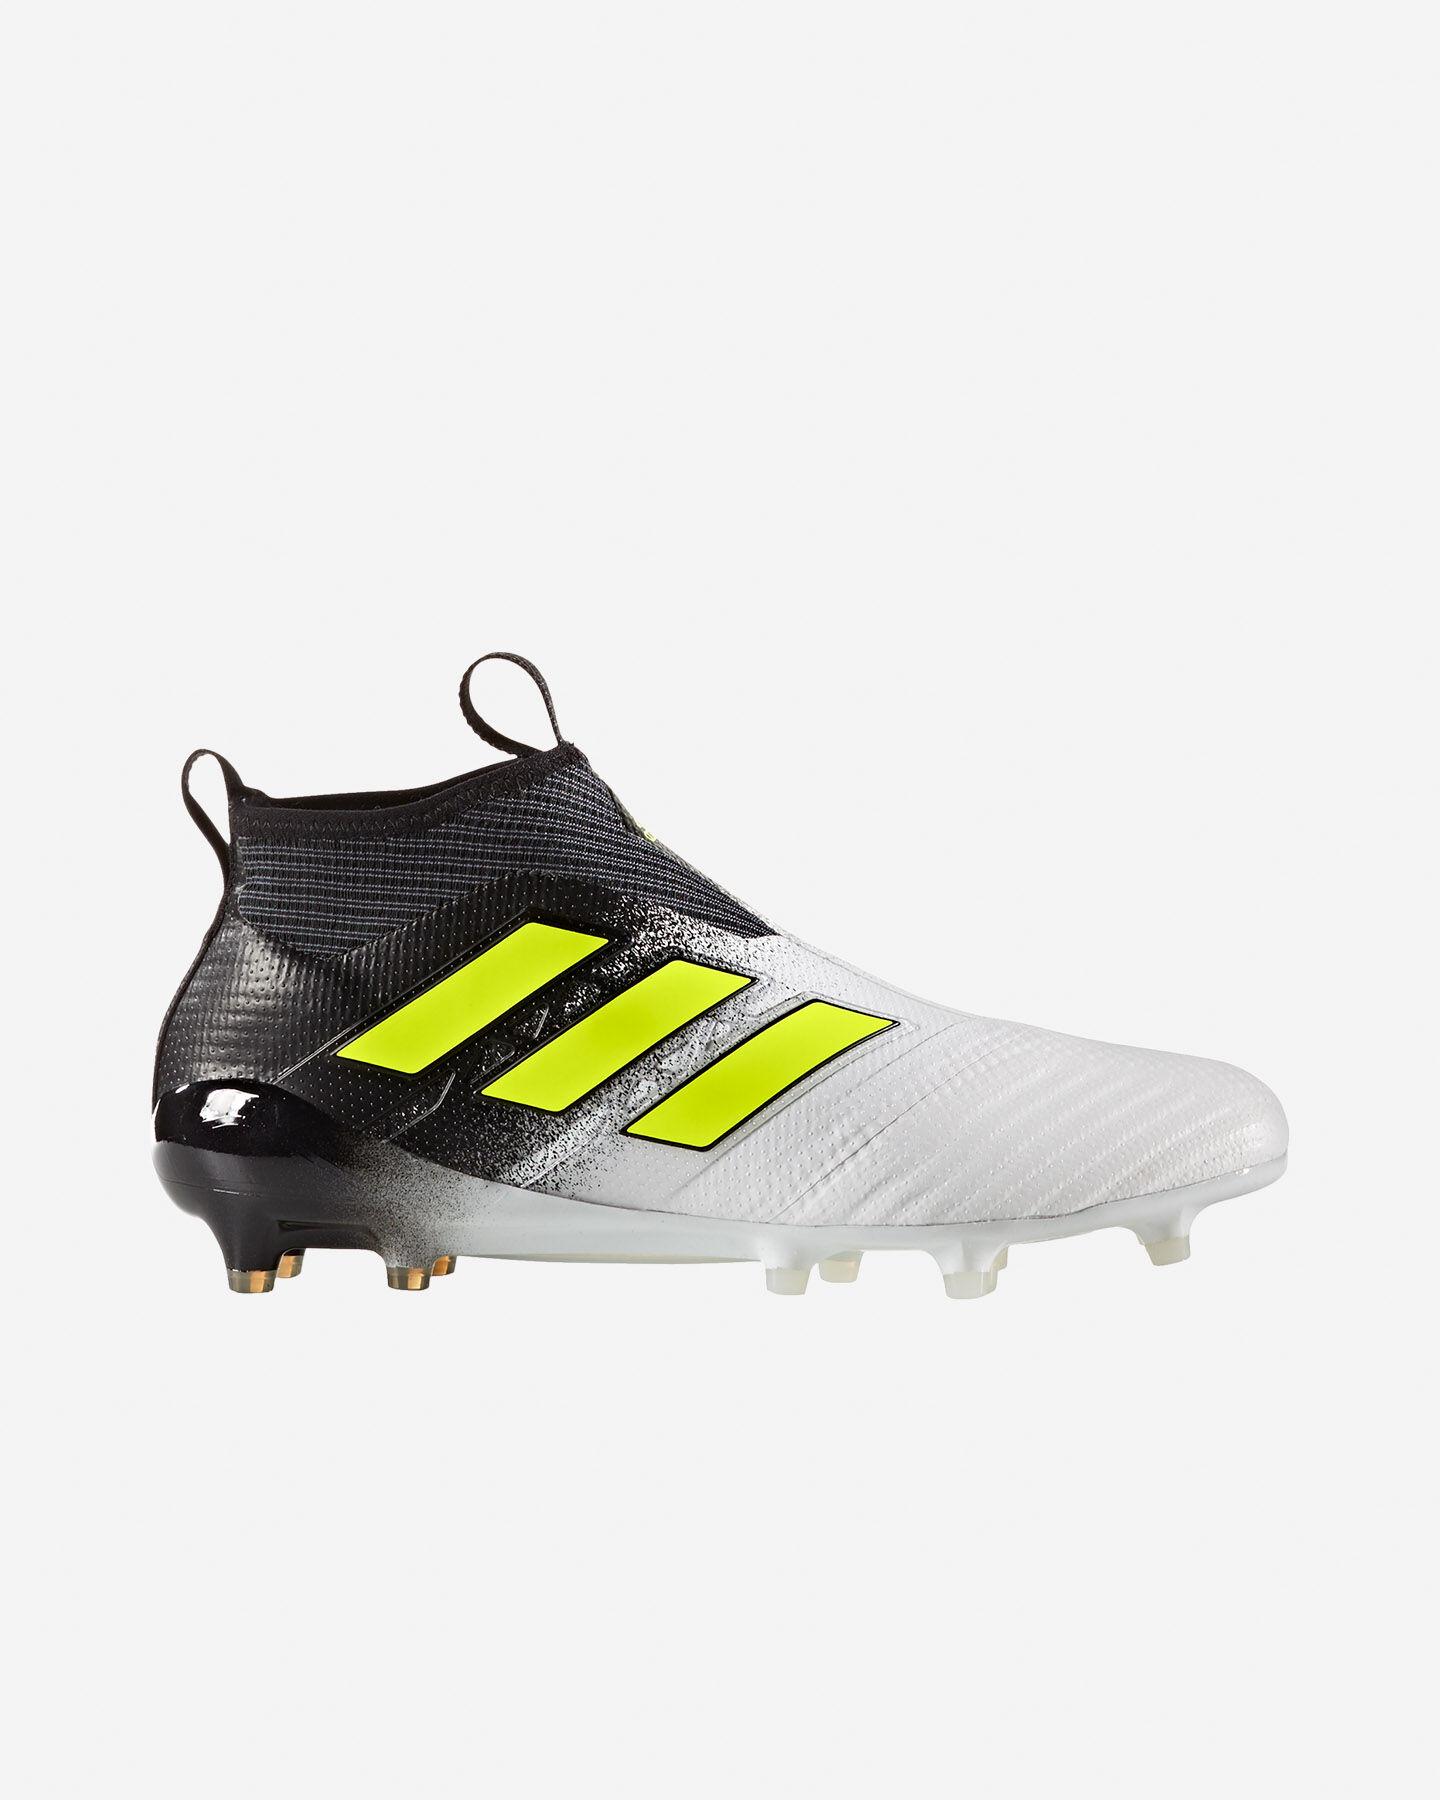 adidas - Ace 17+ Purecontrol Fg, Scarpe Sportive Uomo